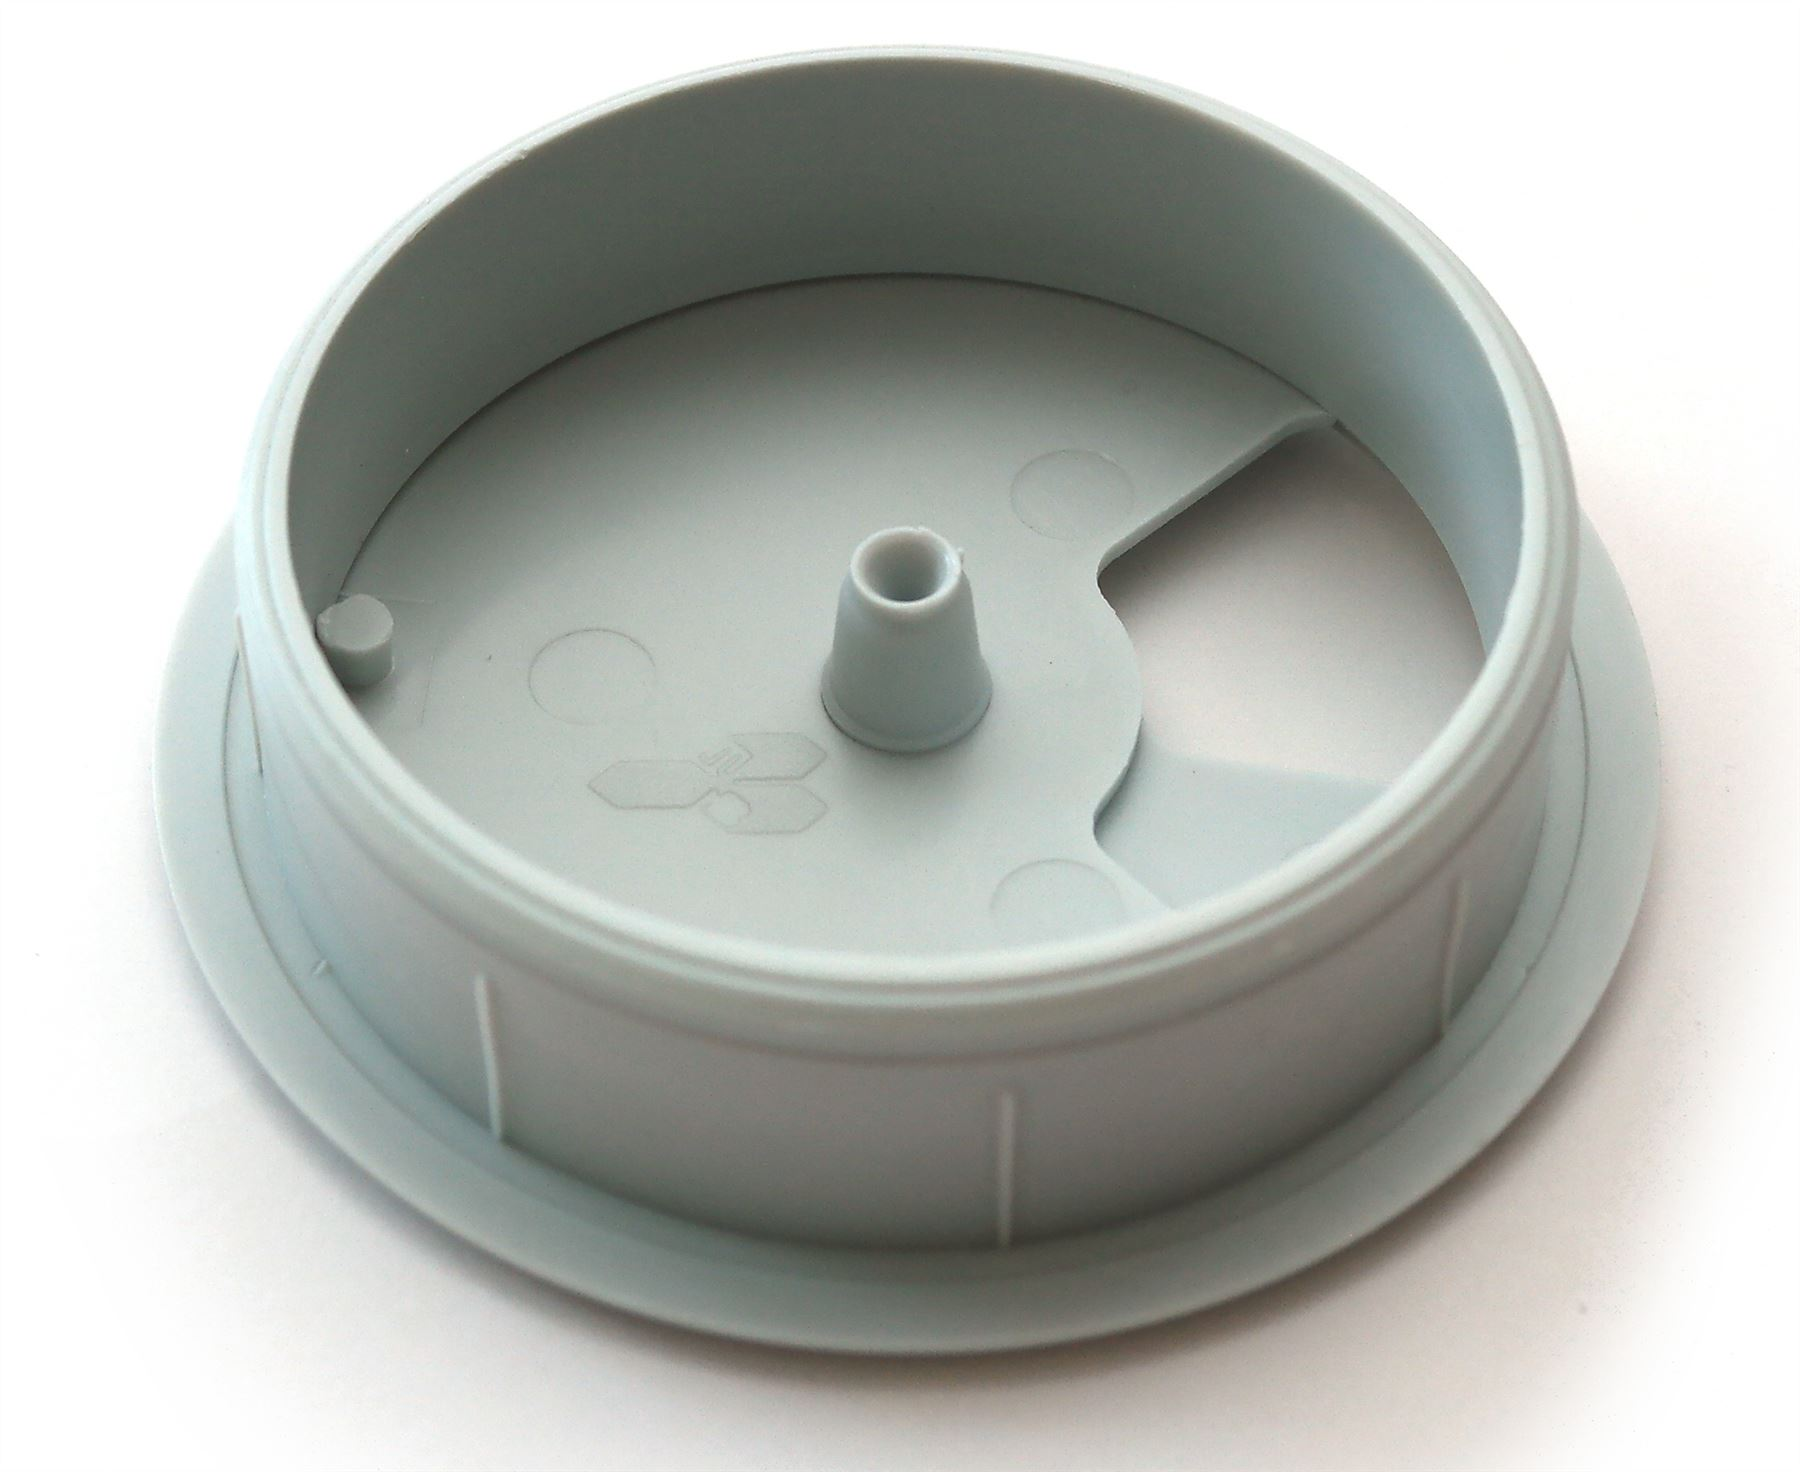 60mm-pc-computer-Scrivania-da-PLASTICA-PASSACAVO-tabella-cavo-ordinato-wire-Hole-copertura miniatura 34